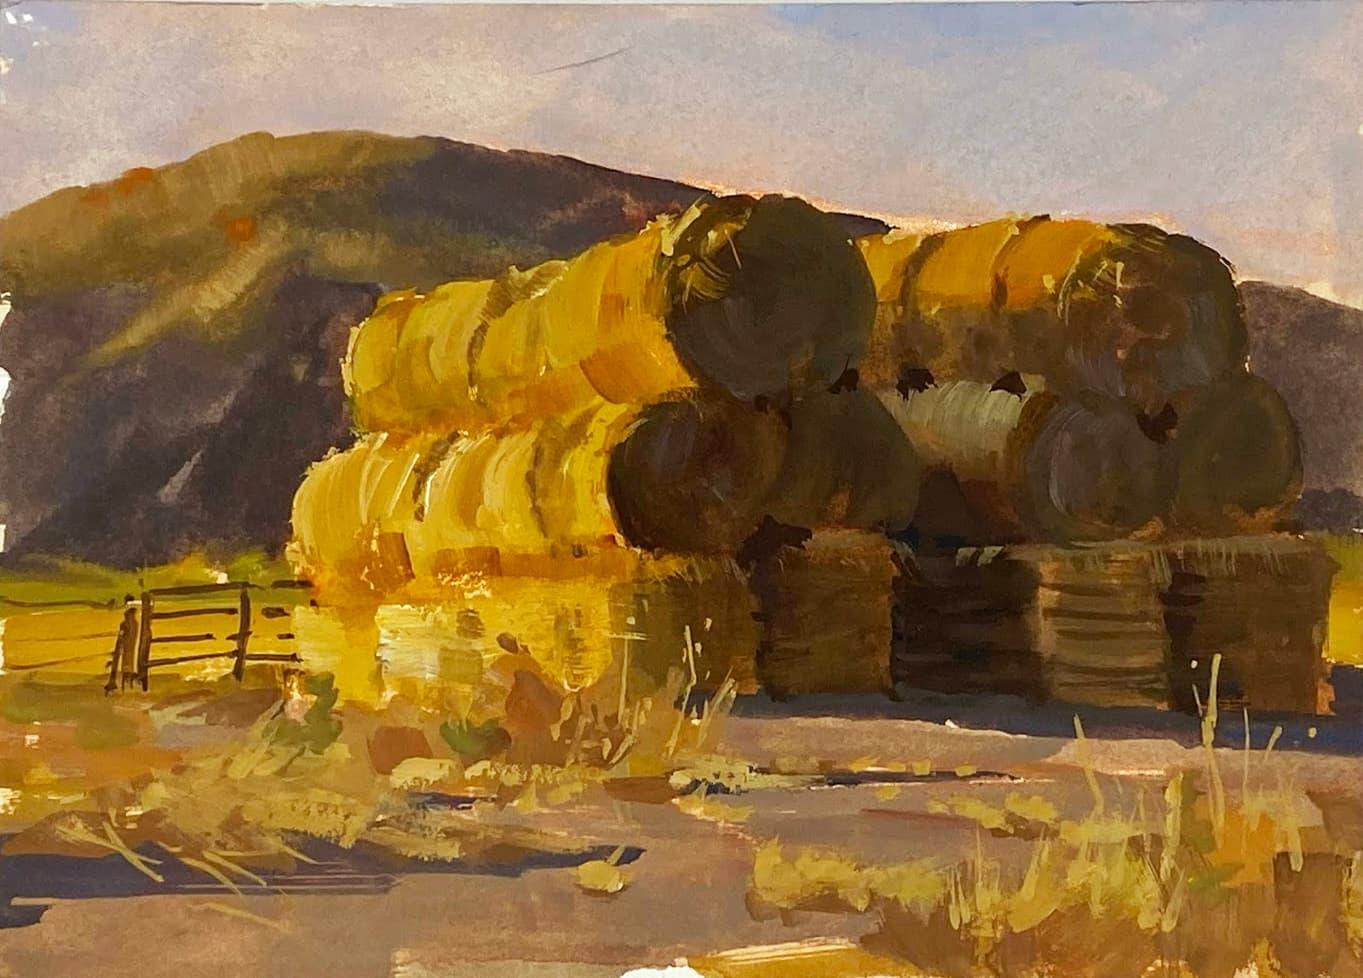 Balls of Sunshine by Judd Mercer.